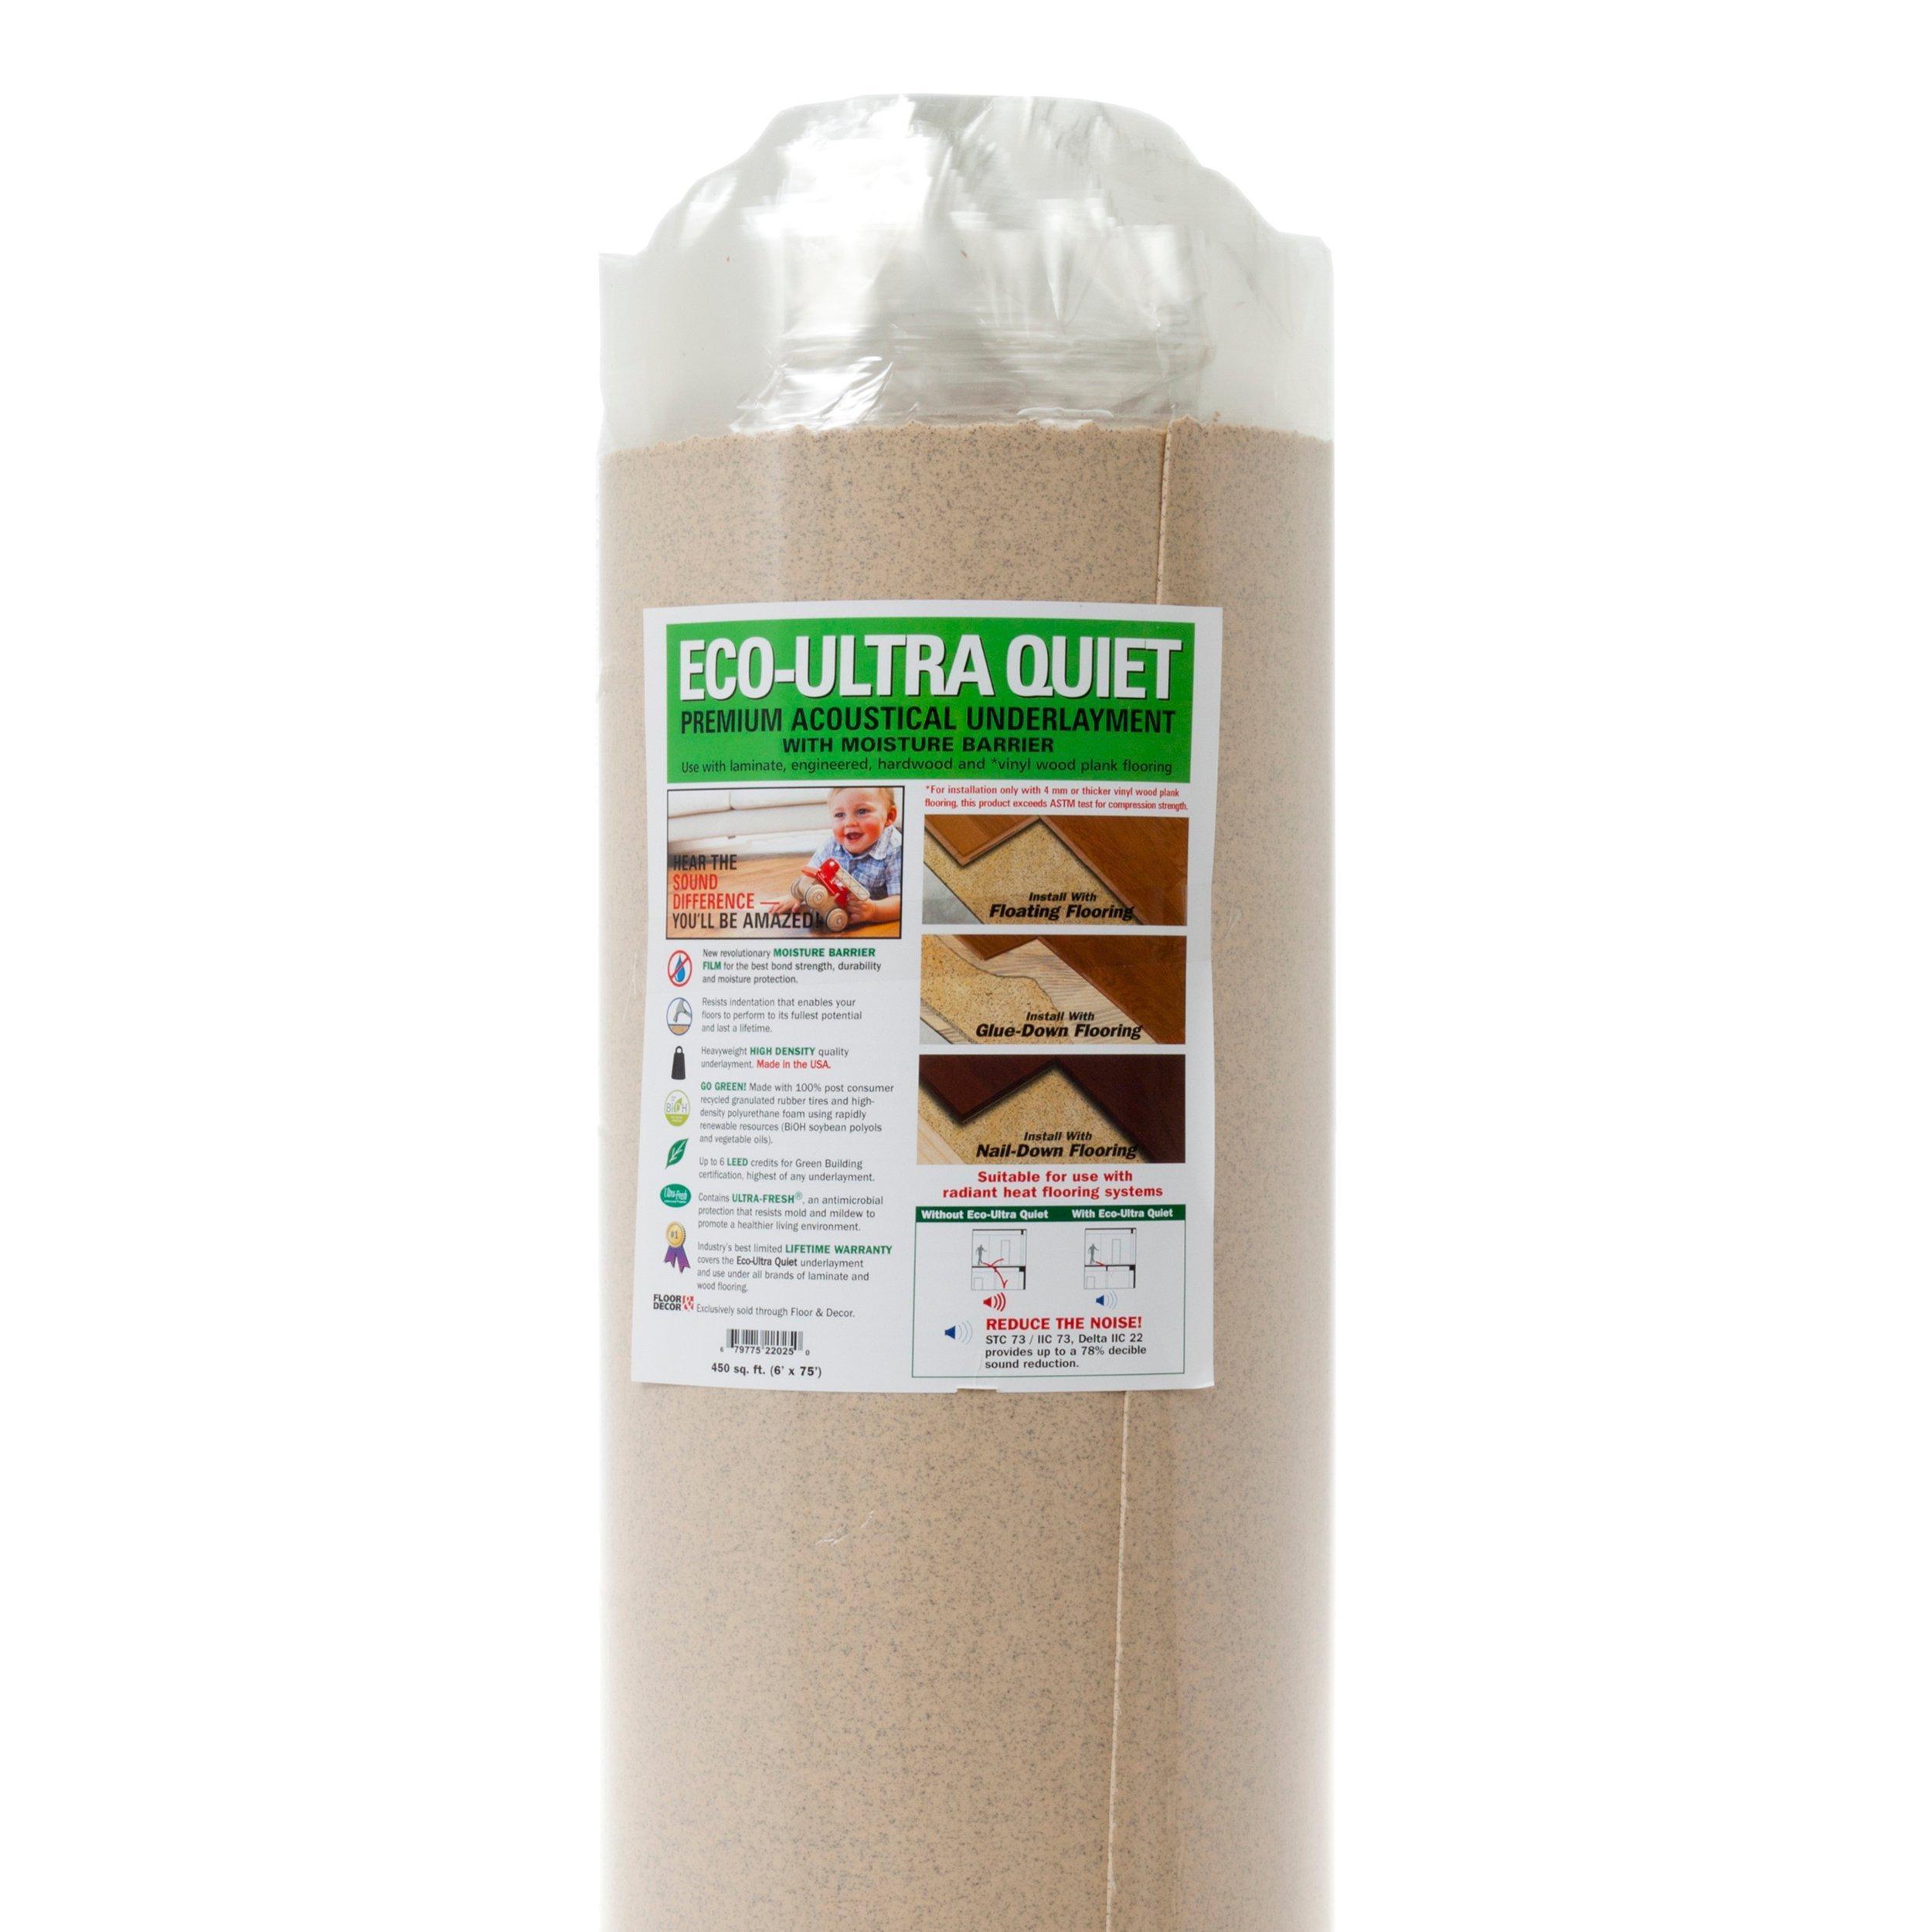 Eco Ultra Quiet Premium Acoustical